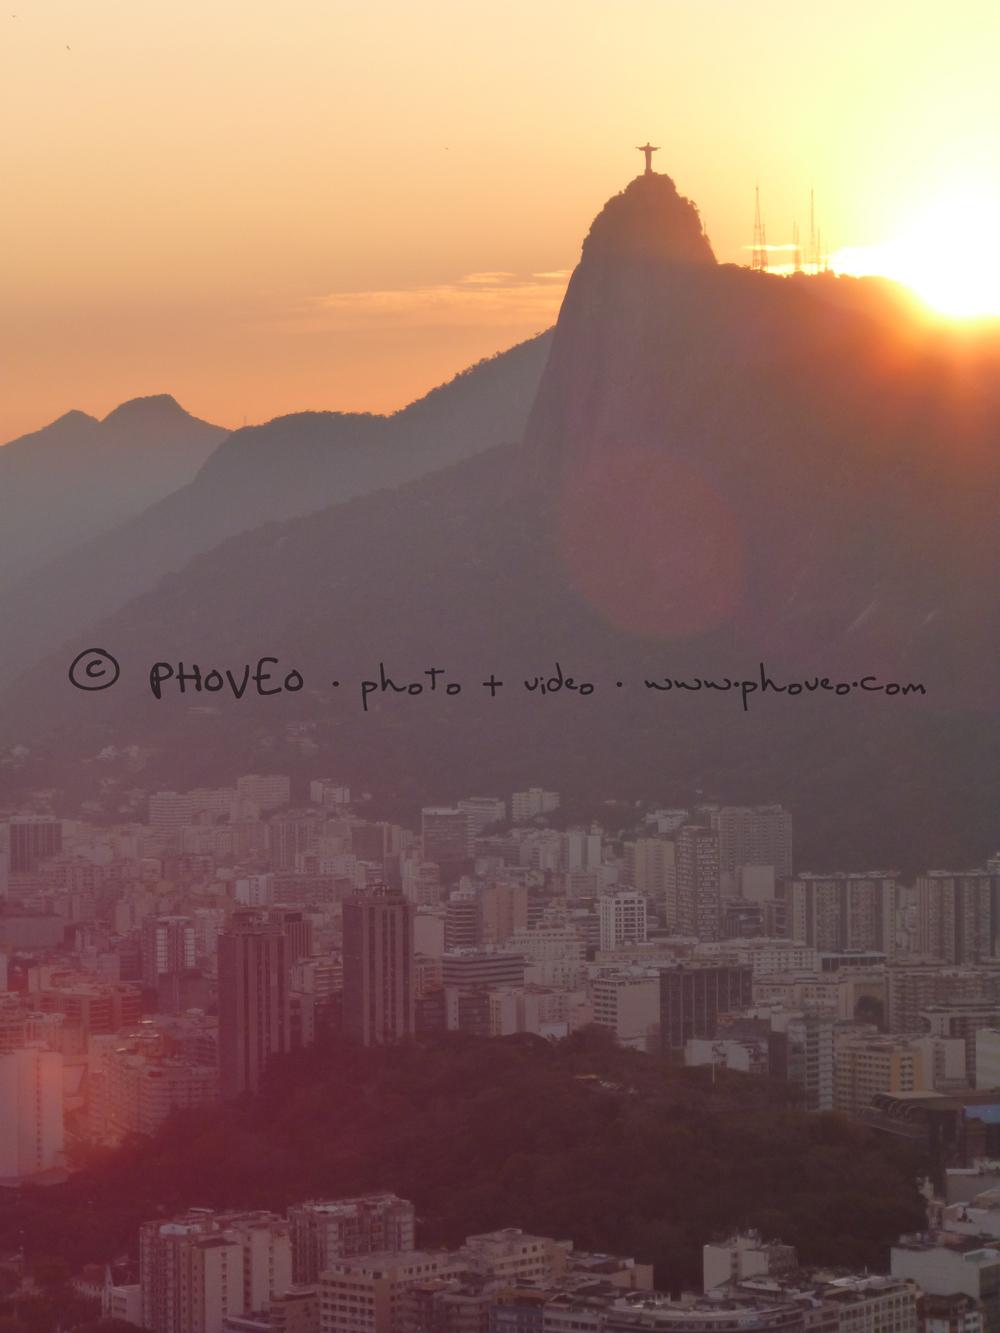 WM_Brazil42.jpg